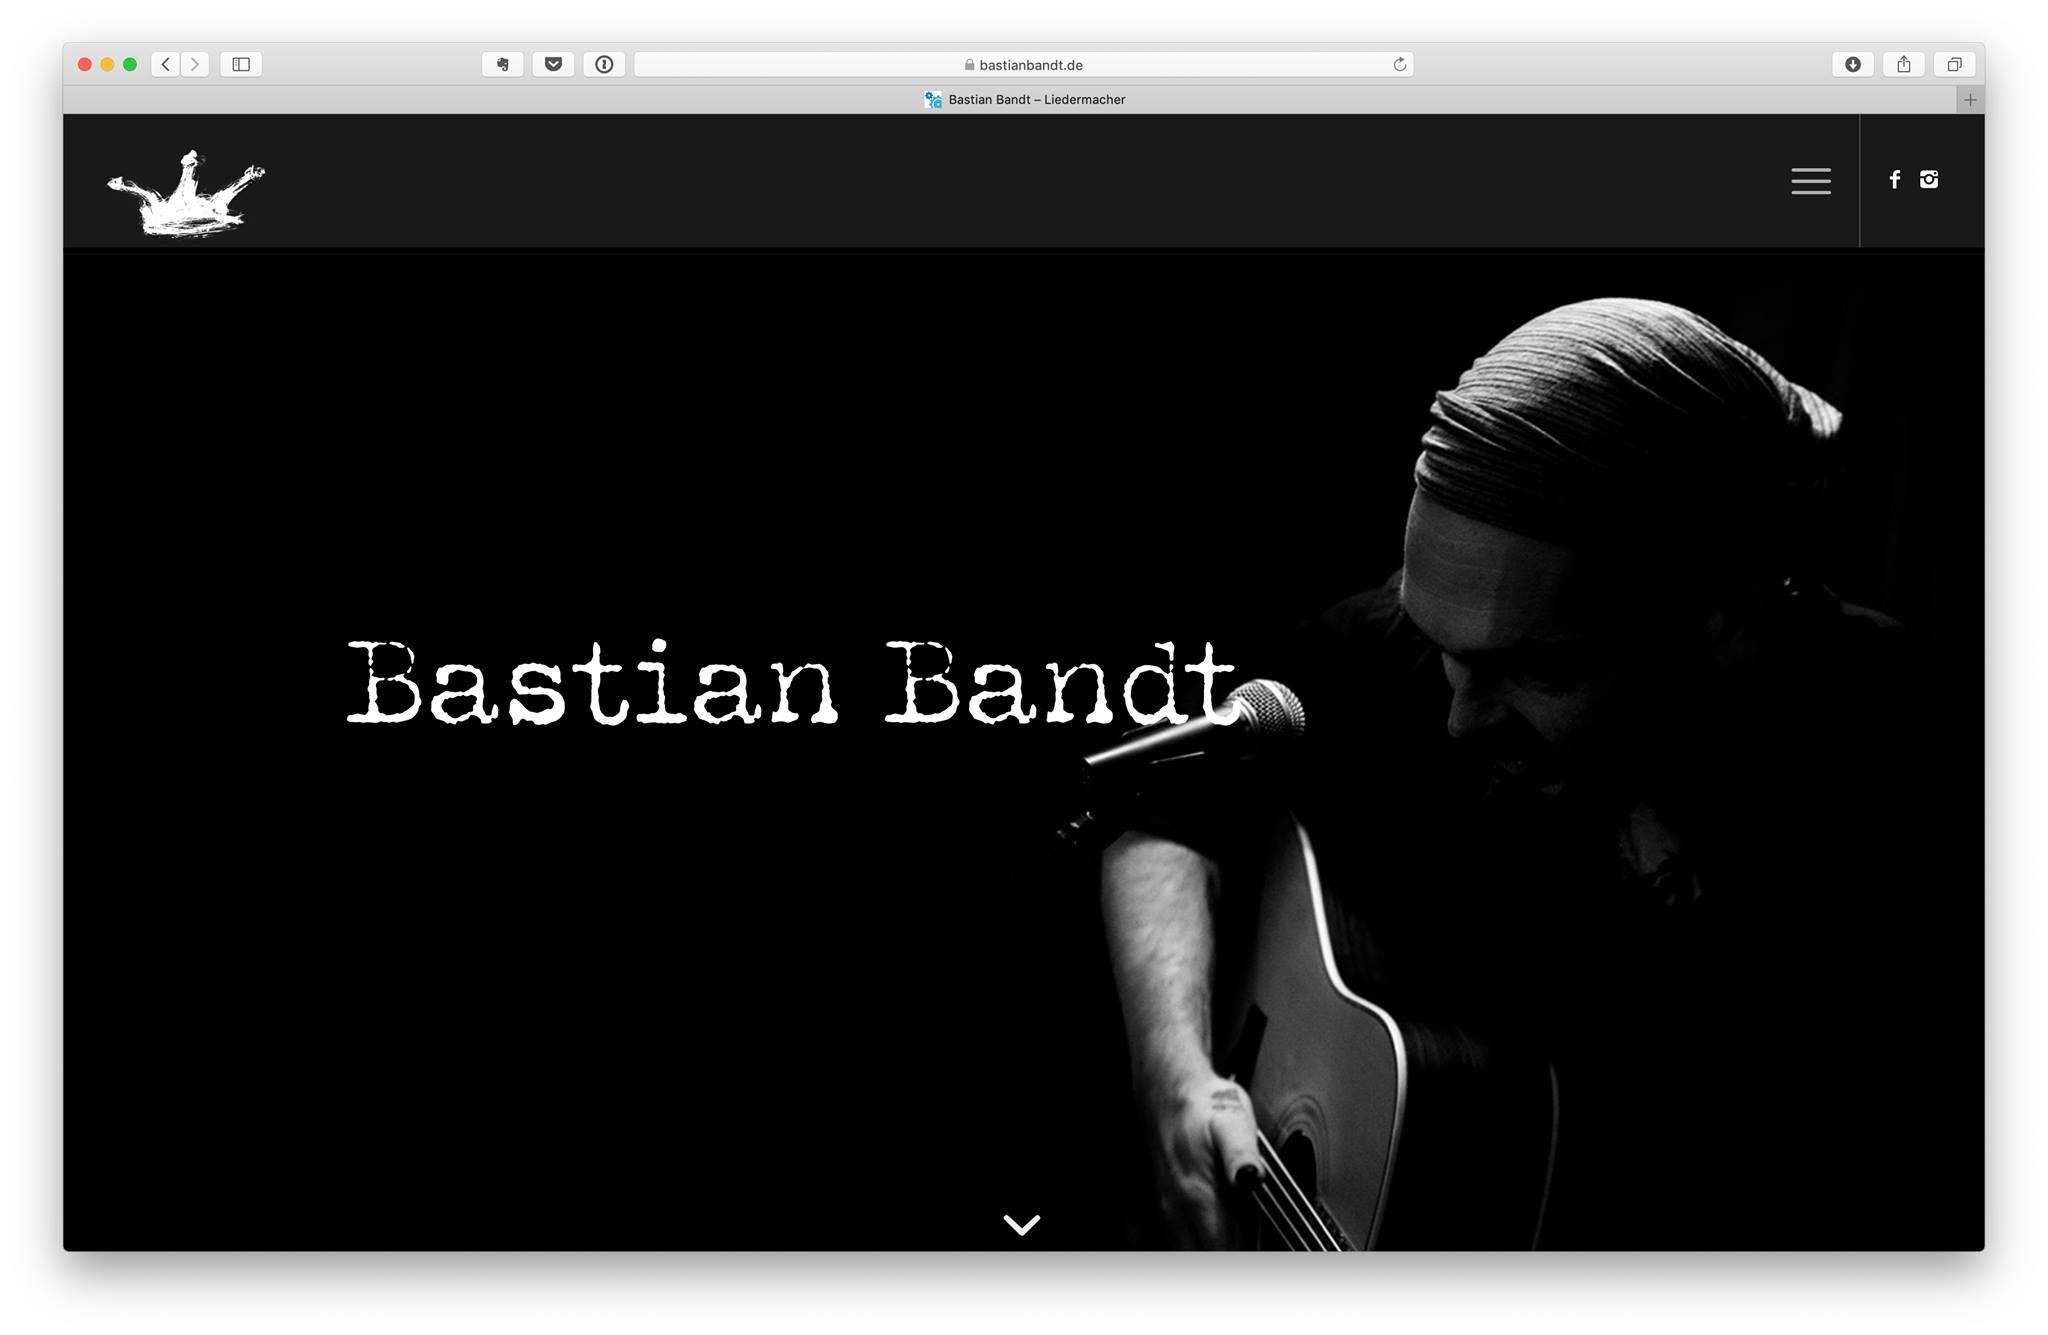 Fallbeispiel: www.bastianbandt.de